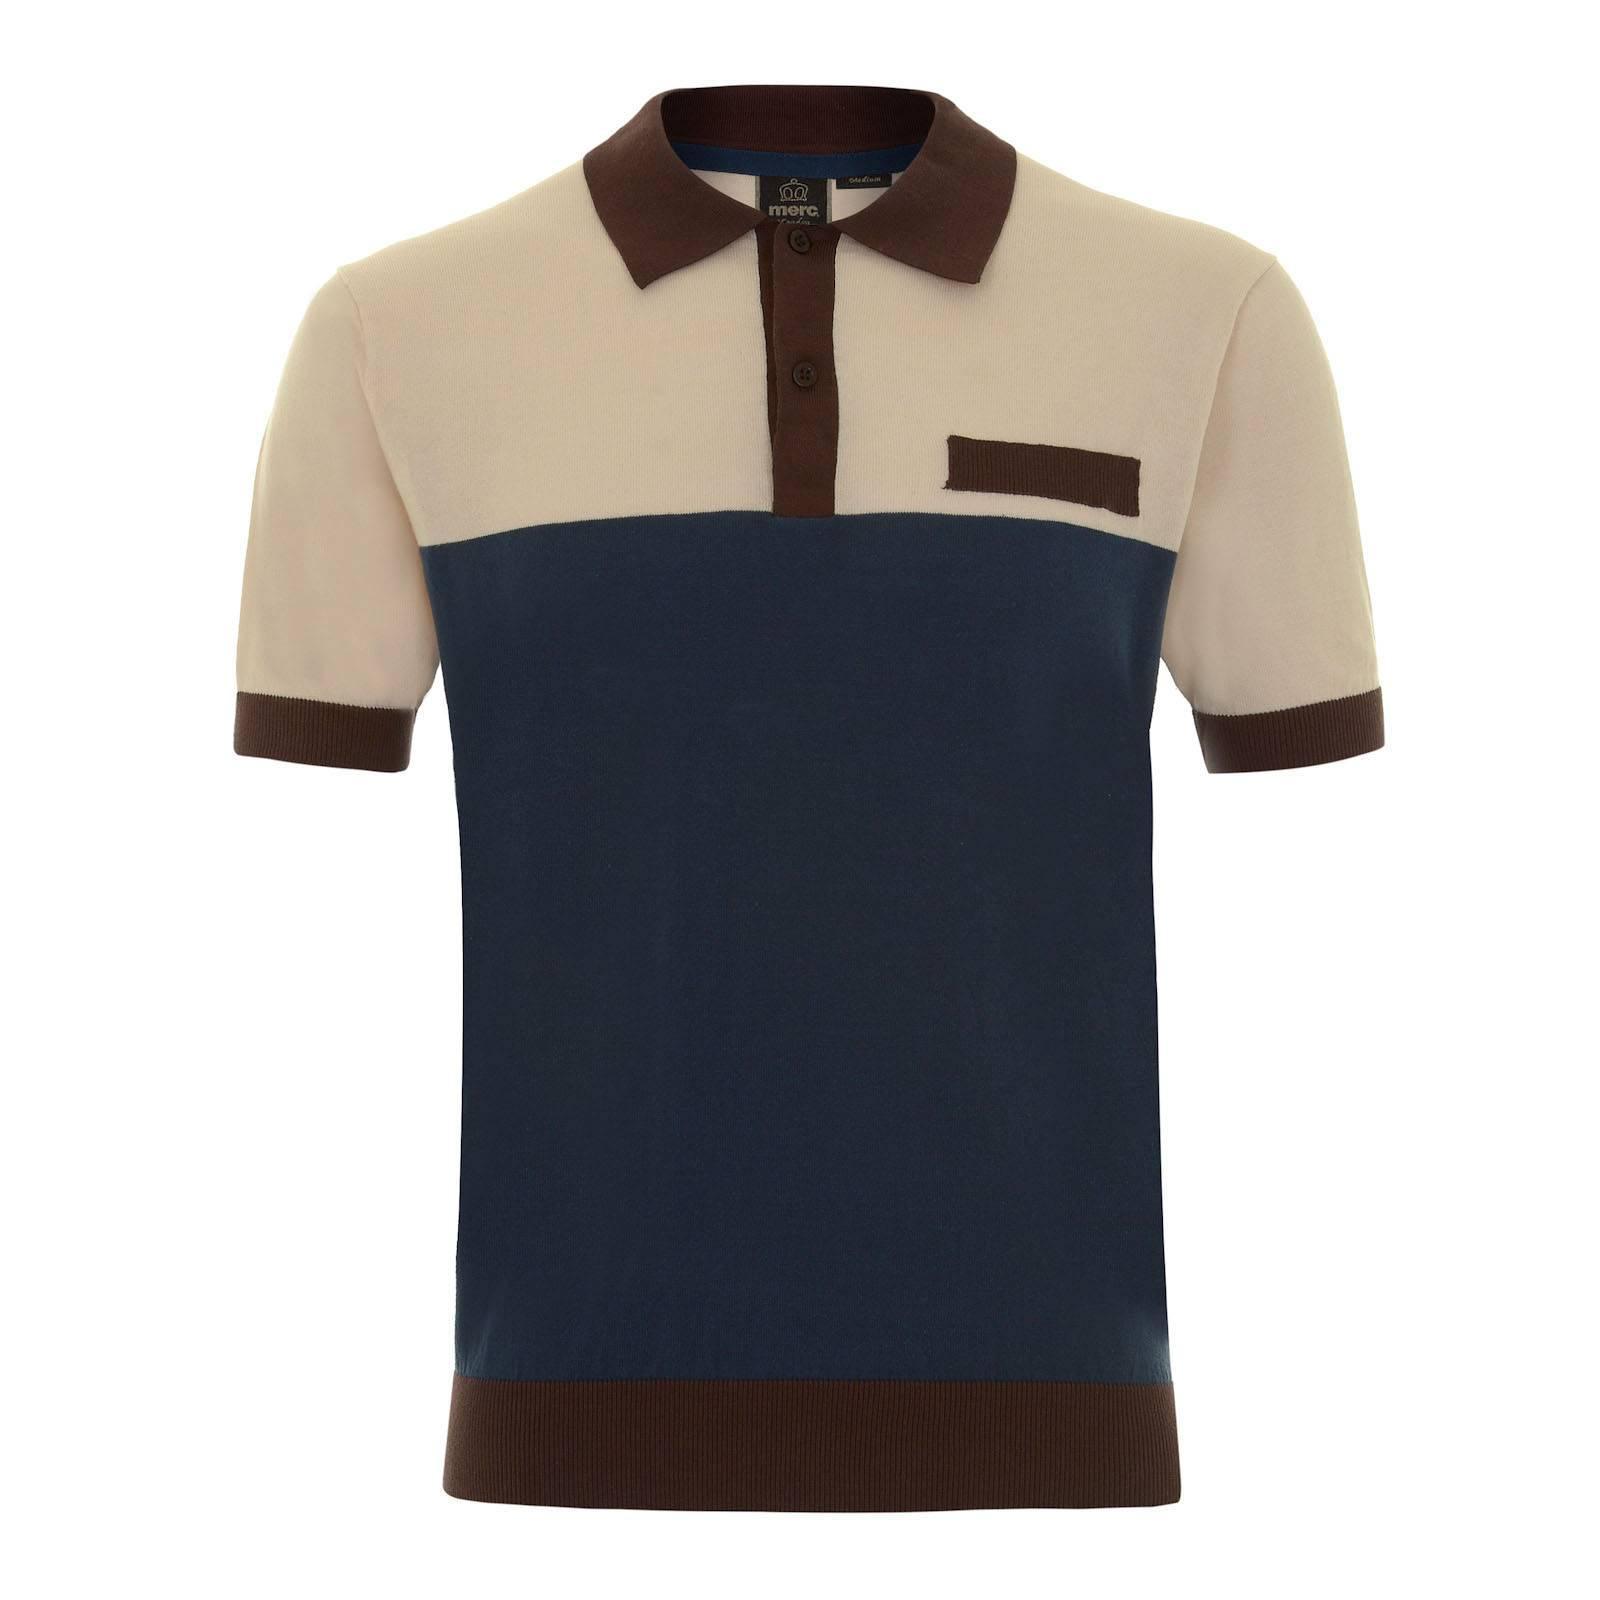 Рубашка Поло MalibuПоло<br><br><br>Артикул: 1615101<br>Материал: 100% хлопок<br>Цвет: темно-коричневый<br>Пол: Мужской